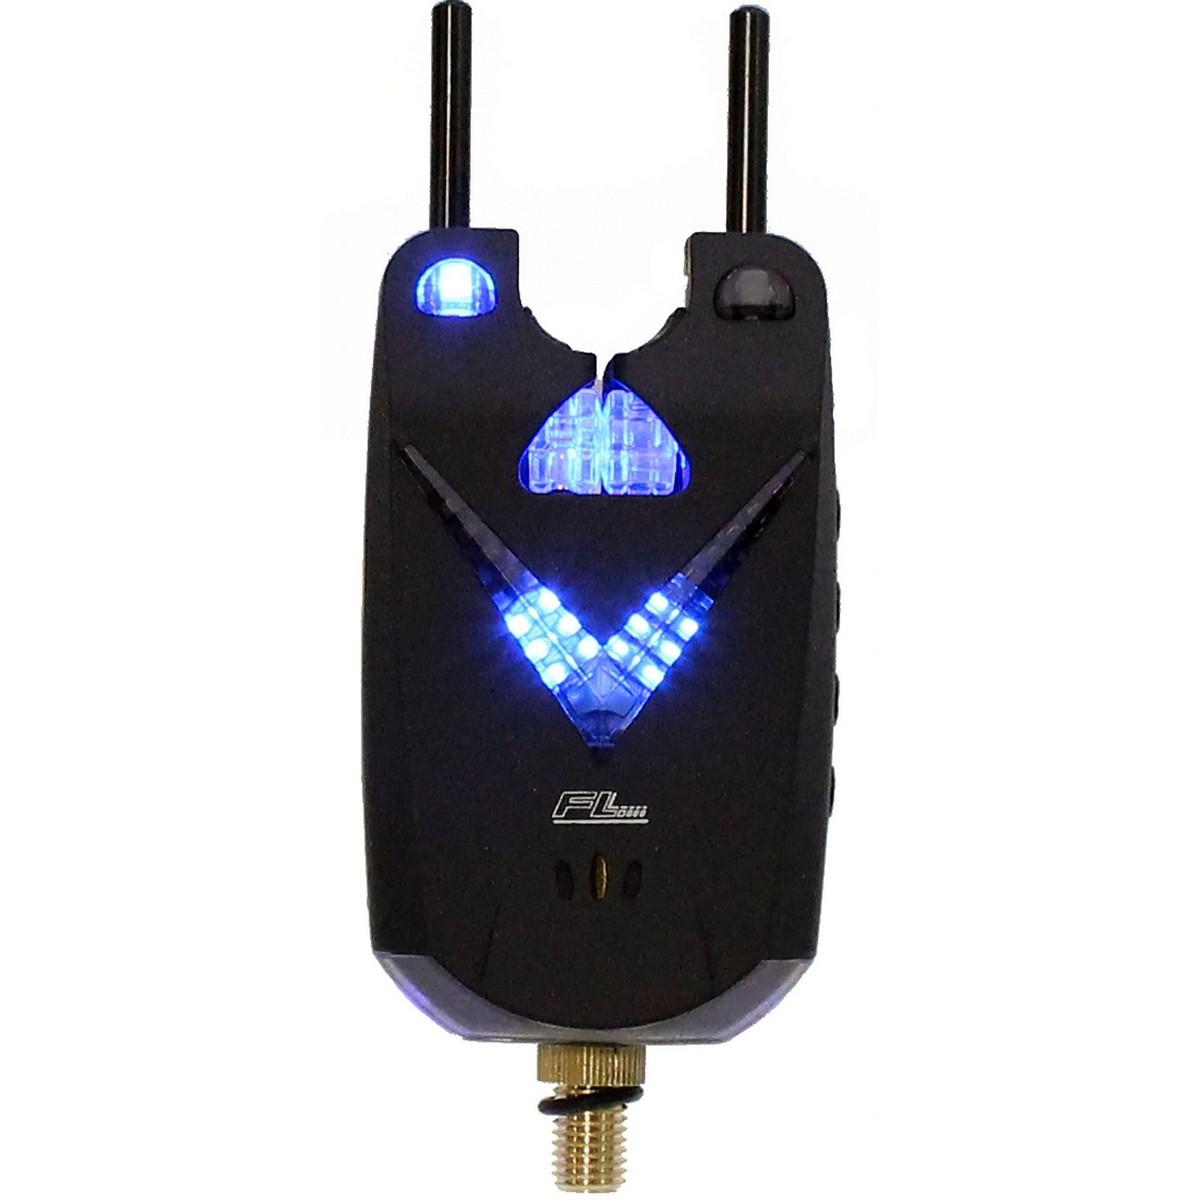 Шарански сигнализатор FL-V